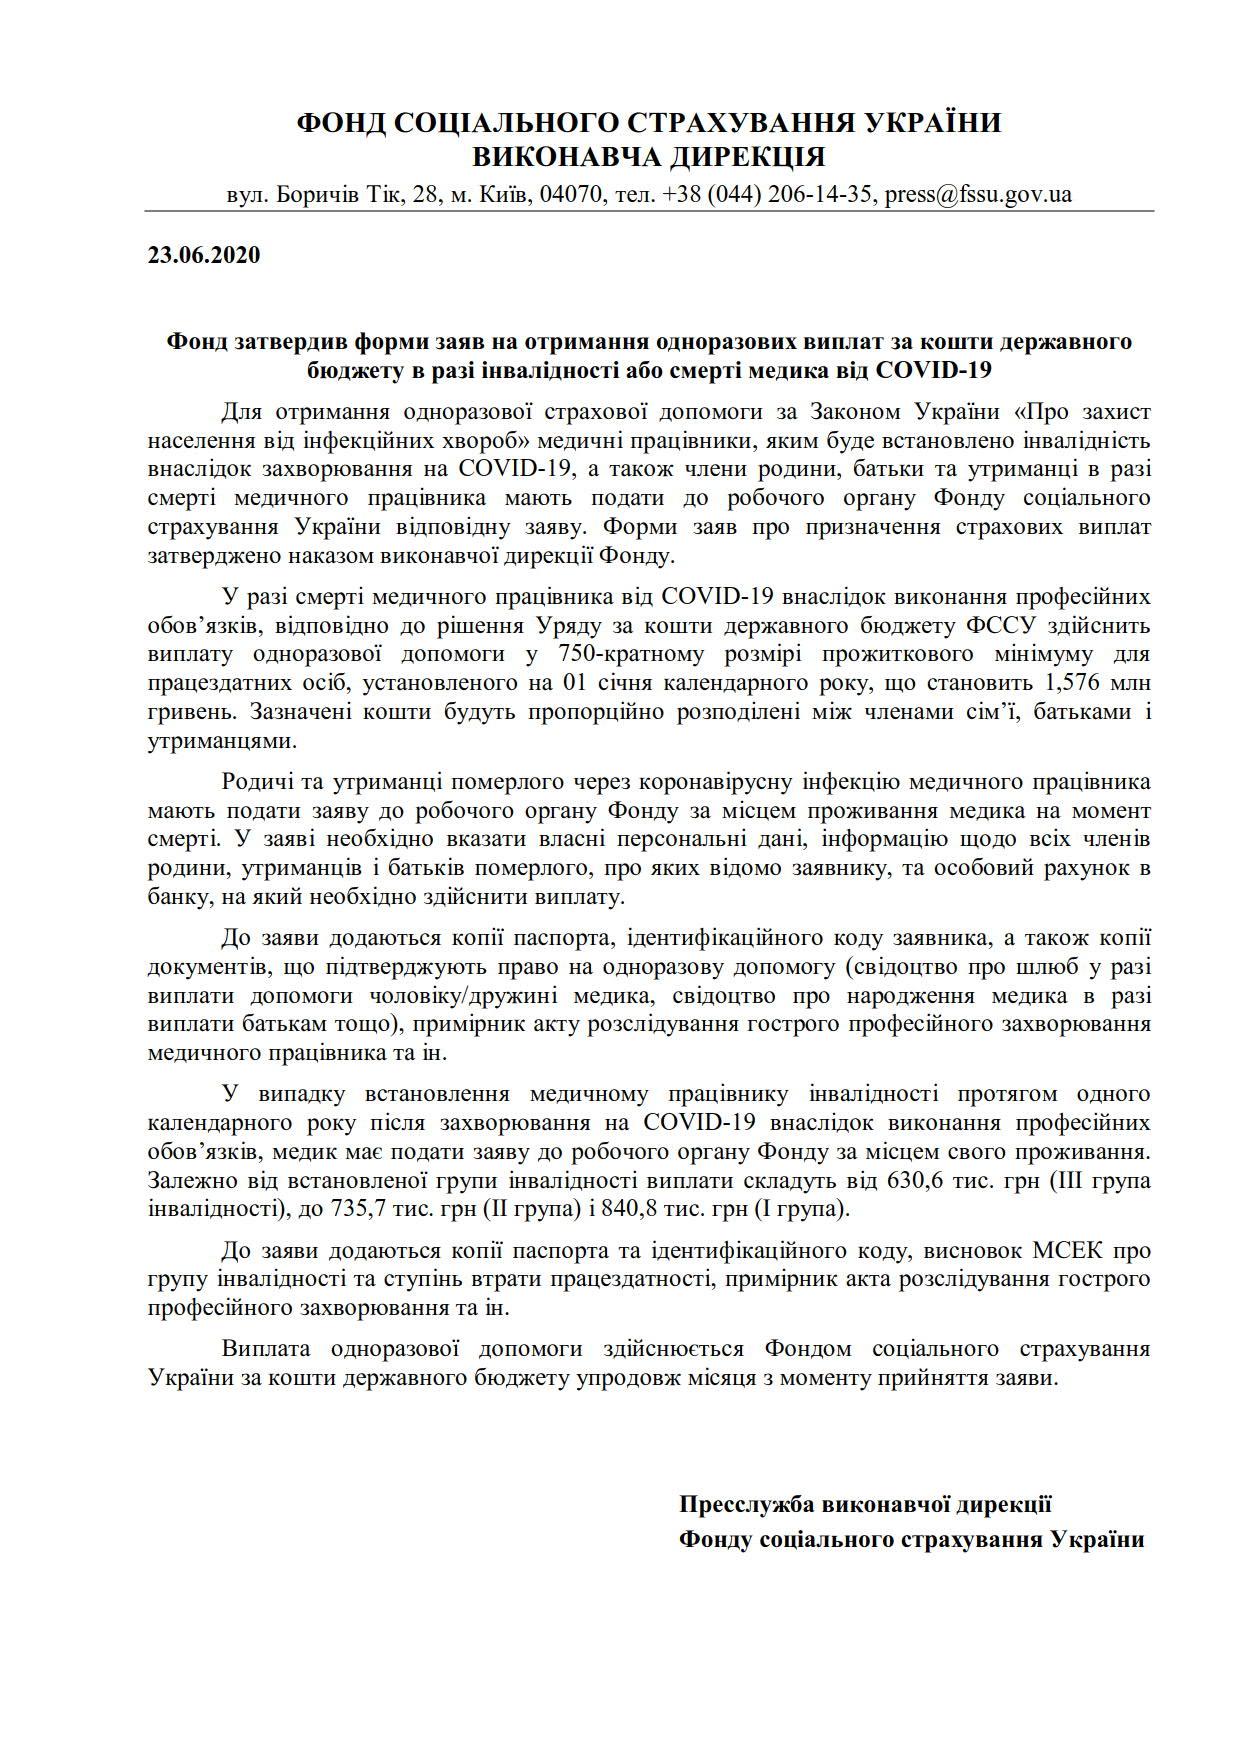 ФССУ_форми заяв ковід_1